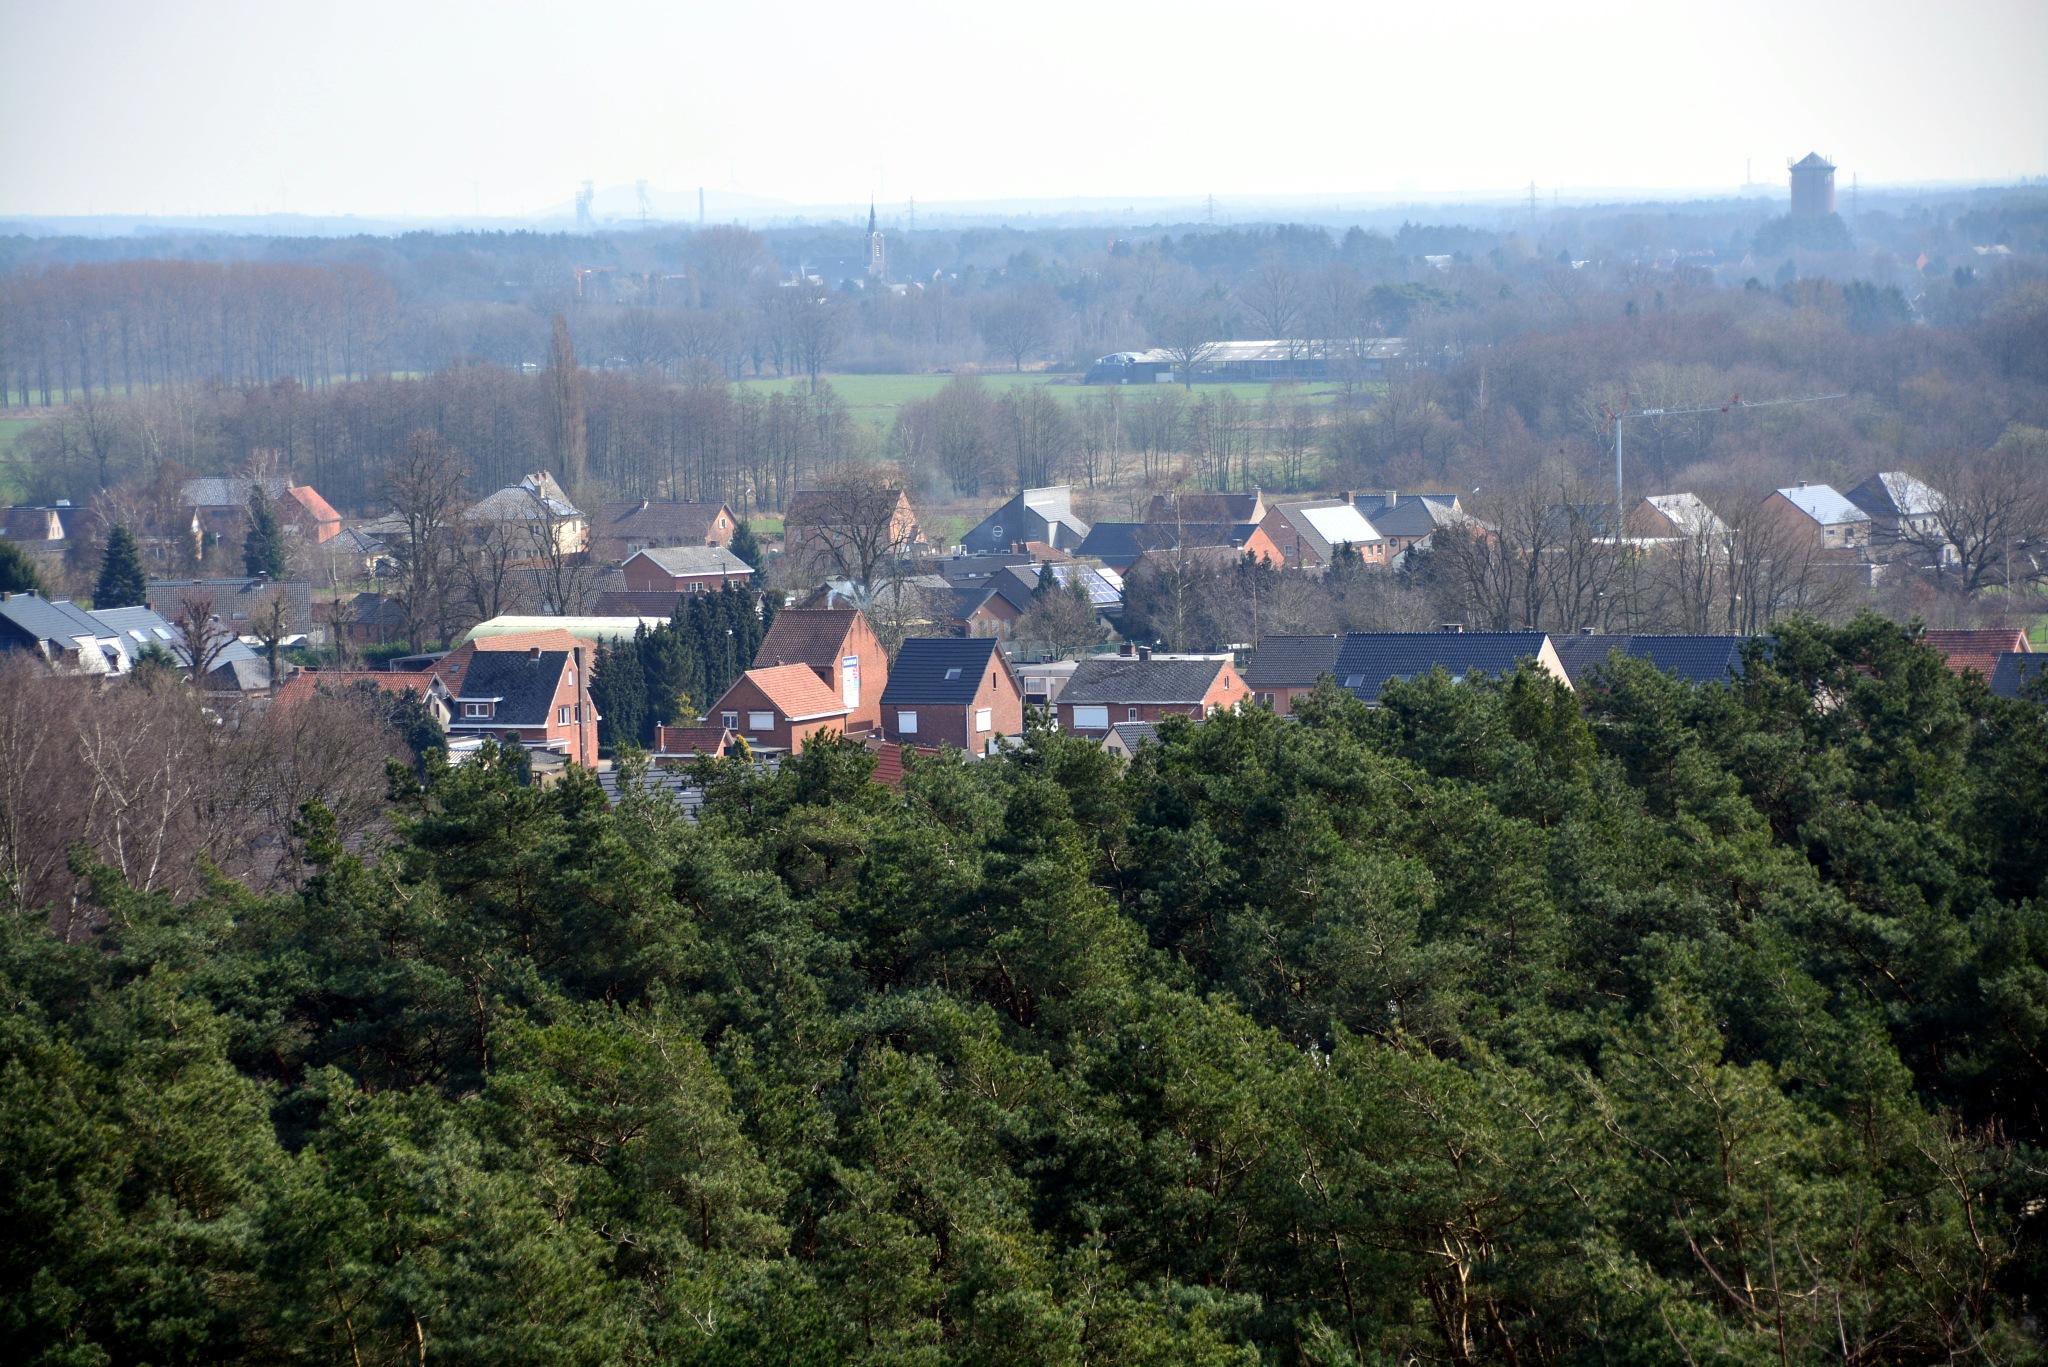 Uitzicht Beringen Mijnsite  by Donny Zanders